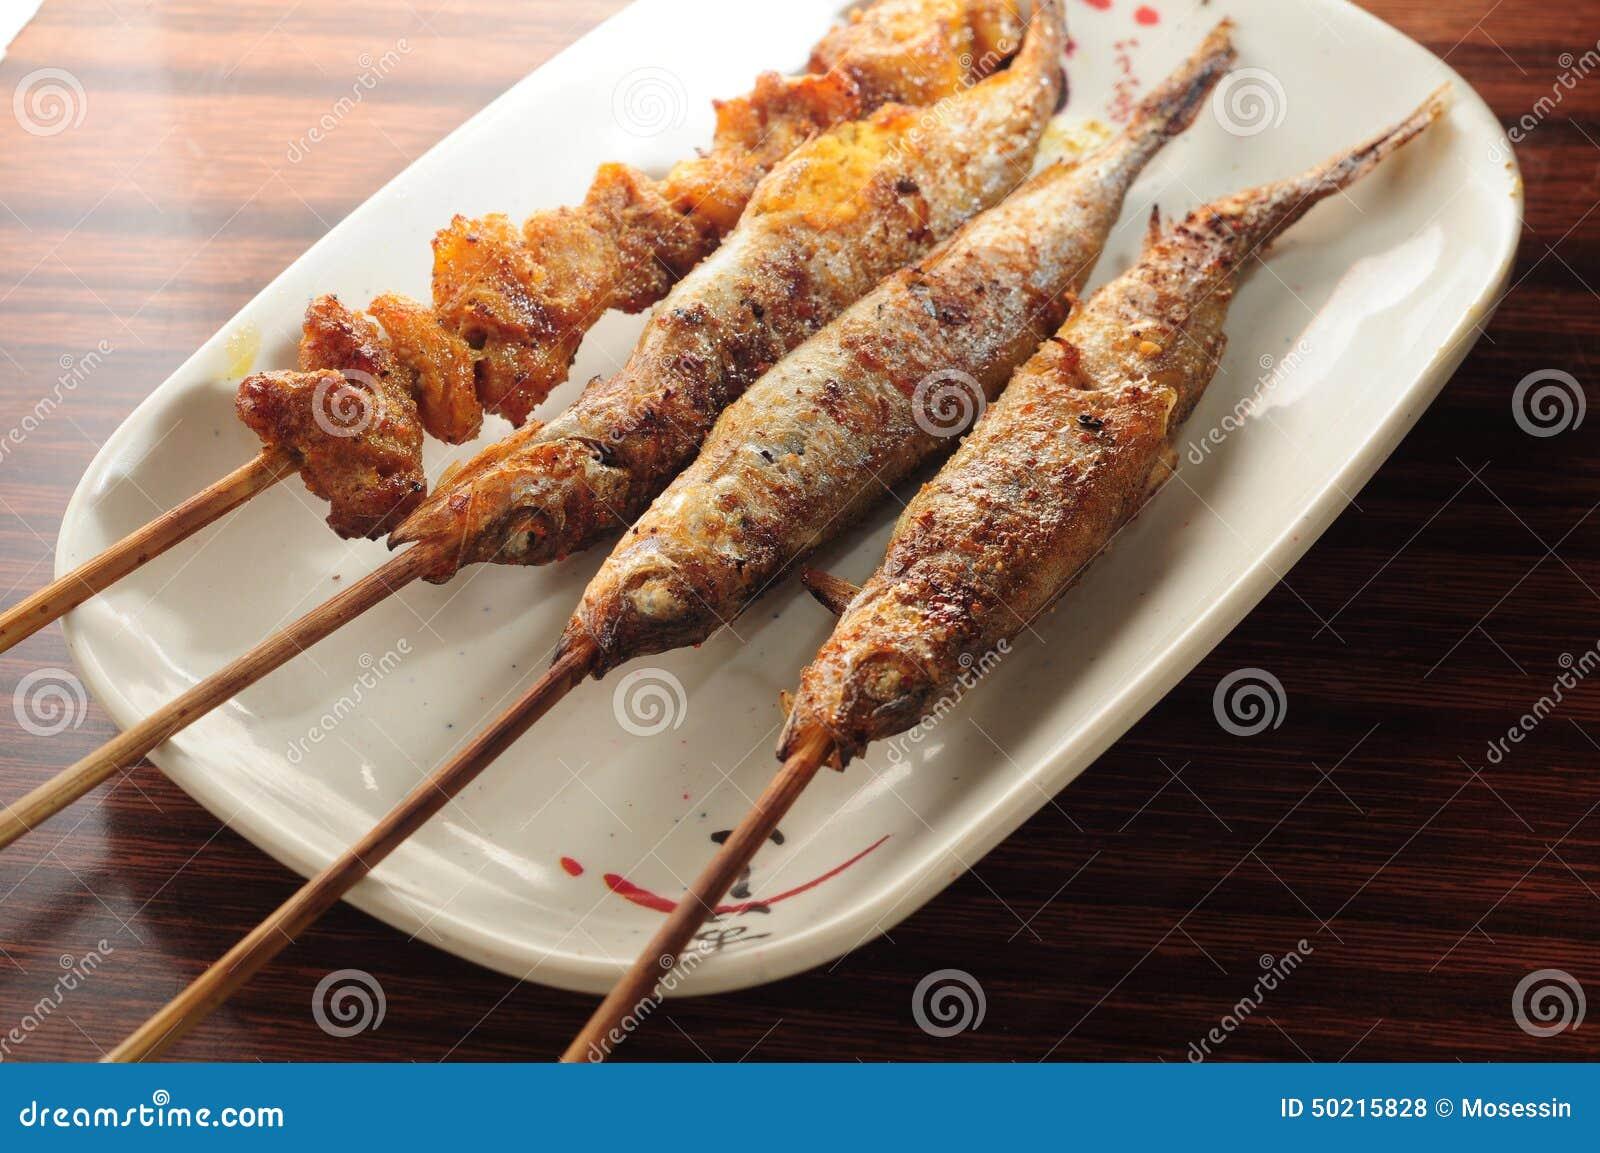 串�9.'z%�_毛鳞鱼鱼猪肉烤串.